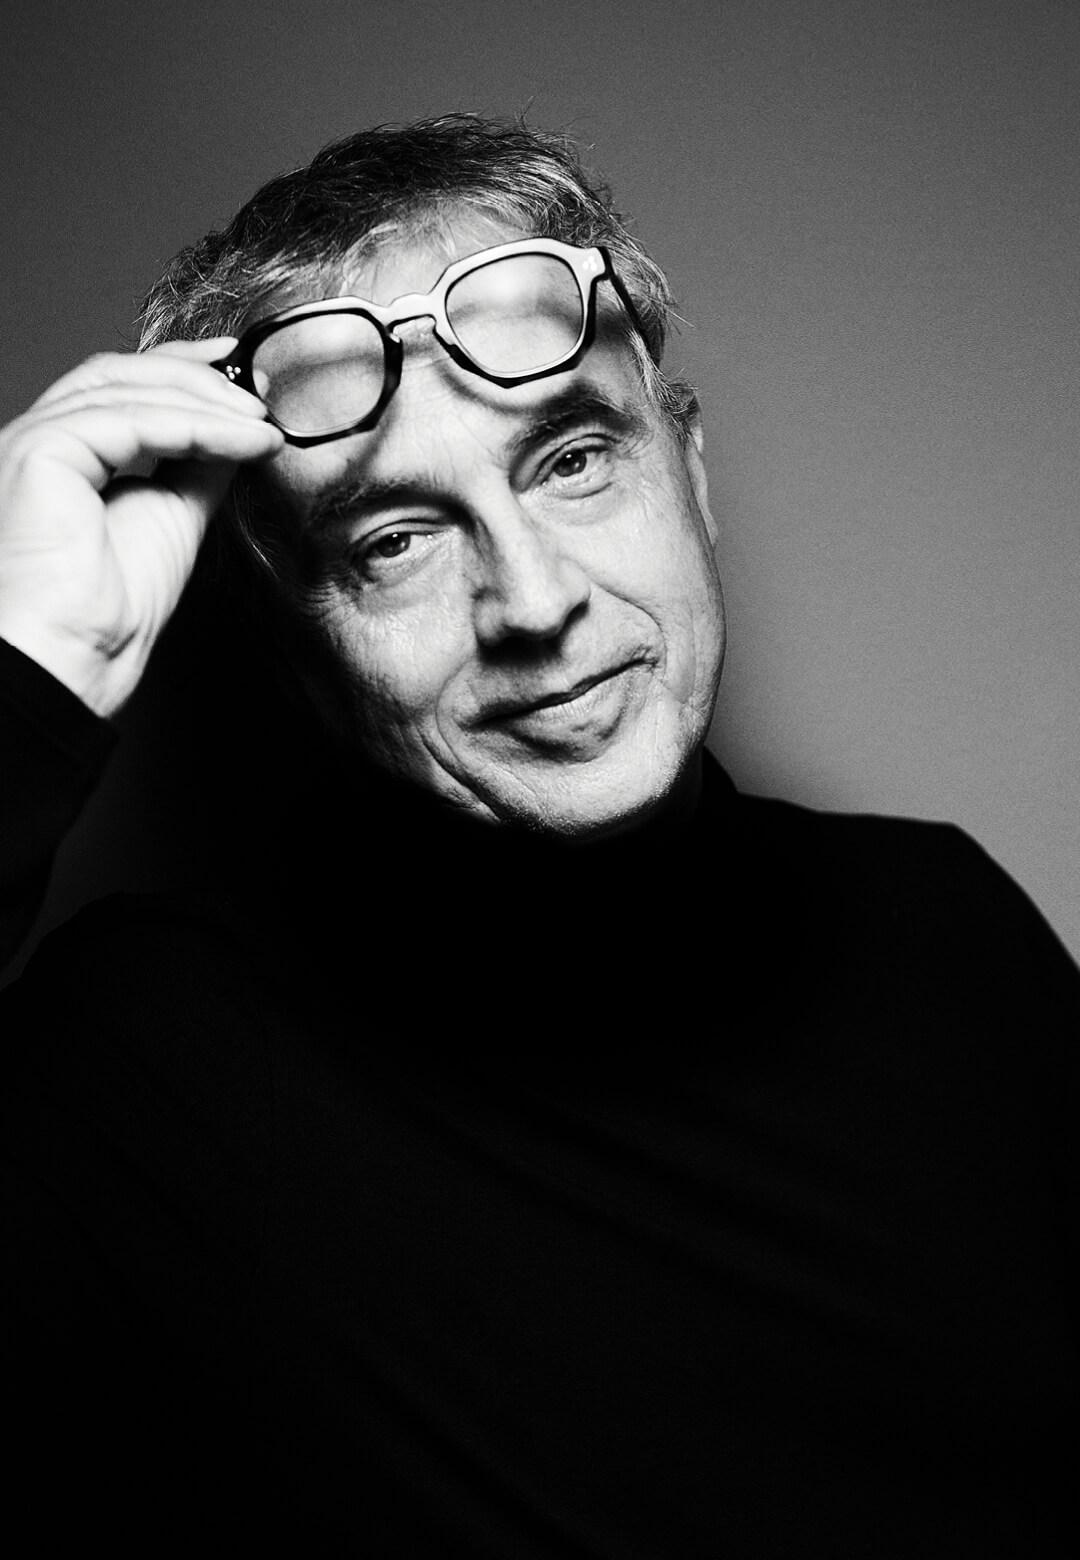 L to R: Stefano Boeri, Bosco Verticale by Boeri Studio | Interview with Stefano Boeri | STIRworld